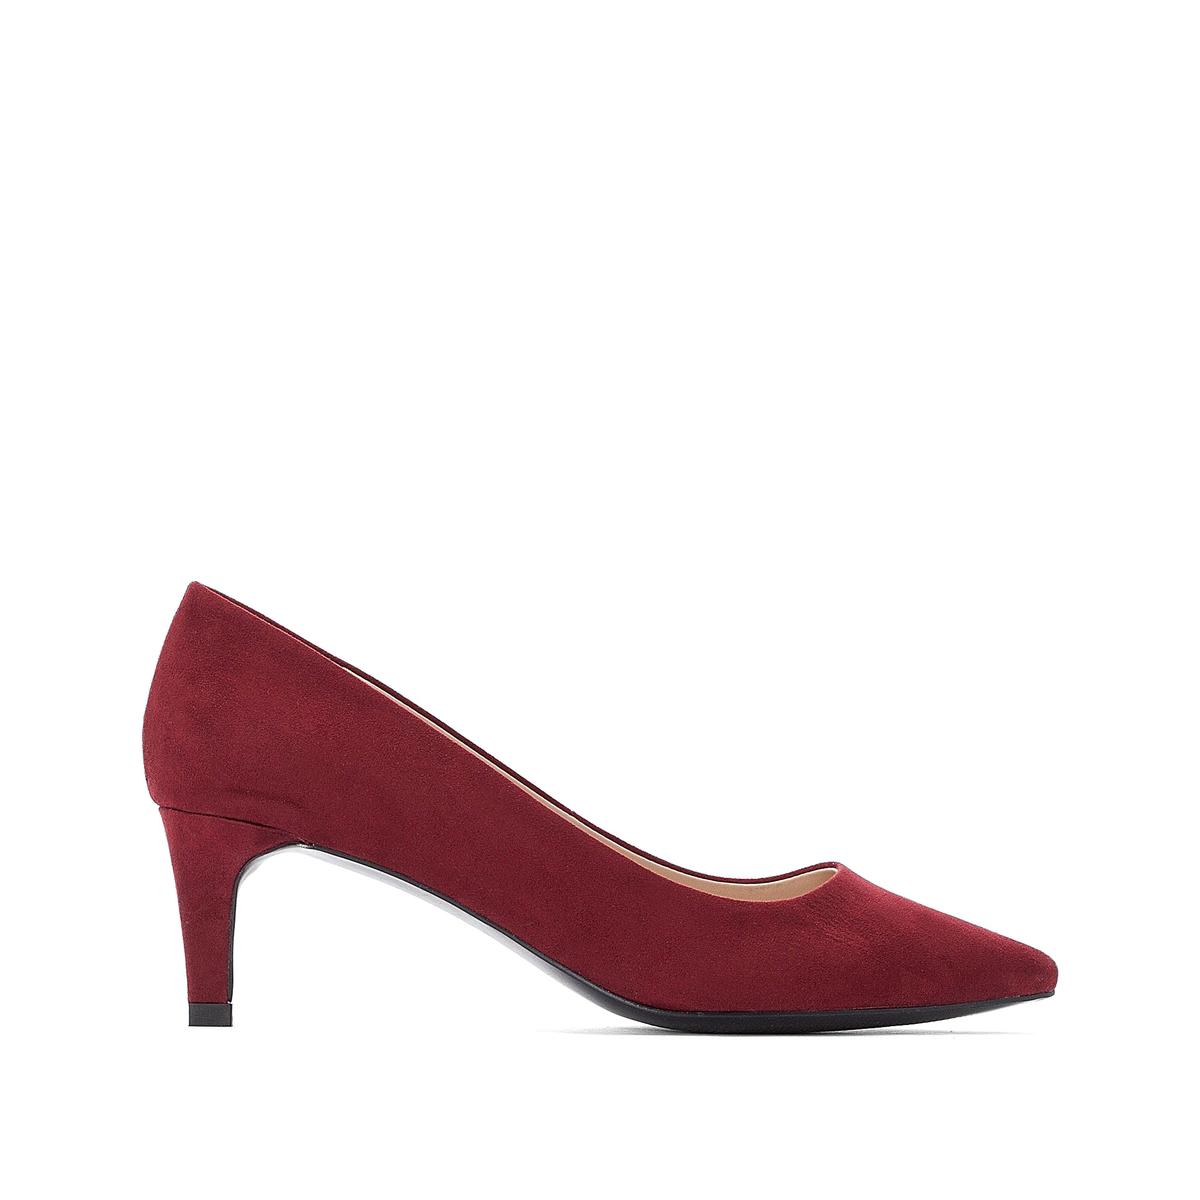 Sapatos com tacão médio